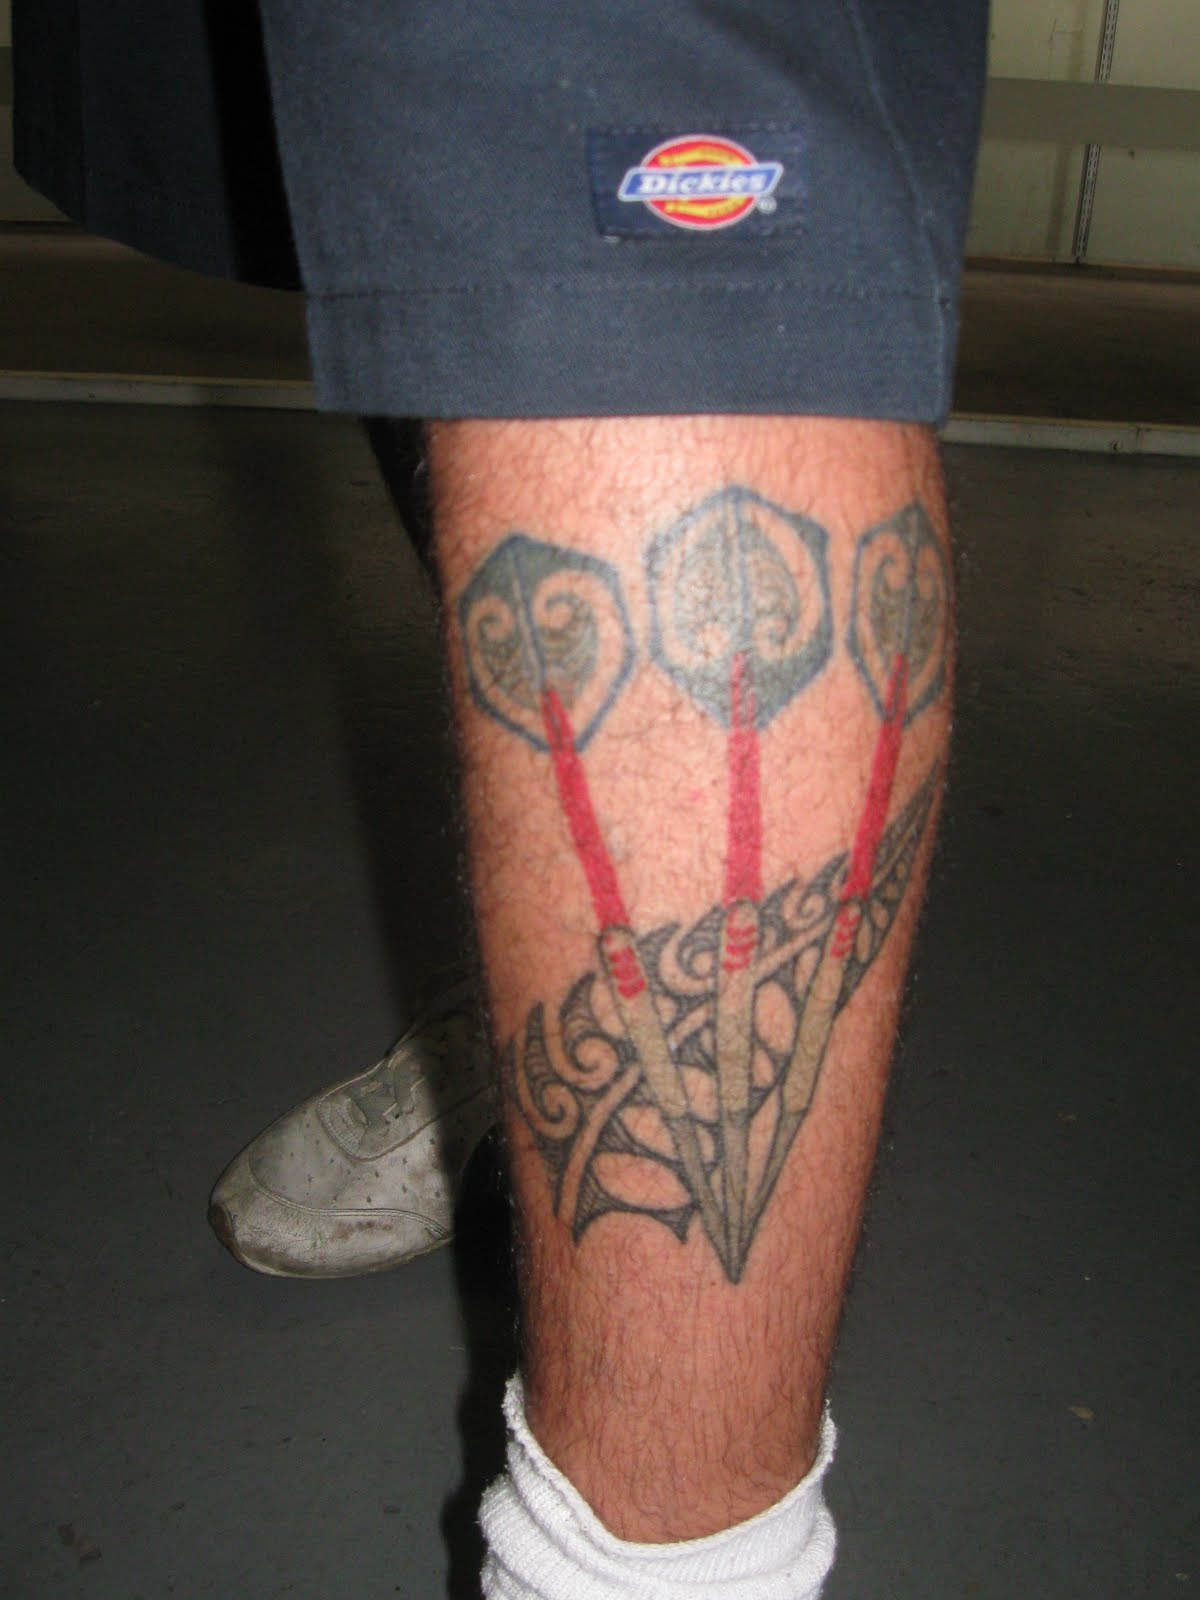 simon whitlock tattoos